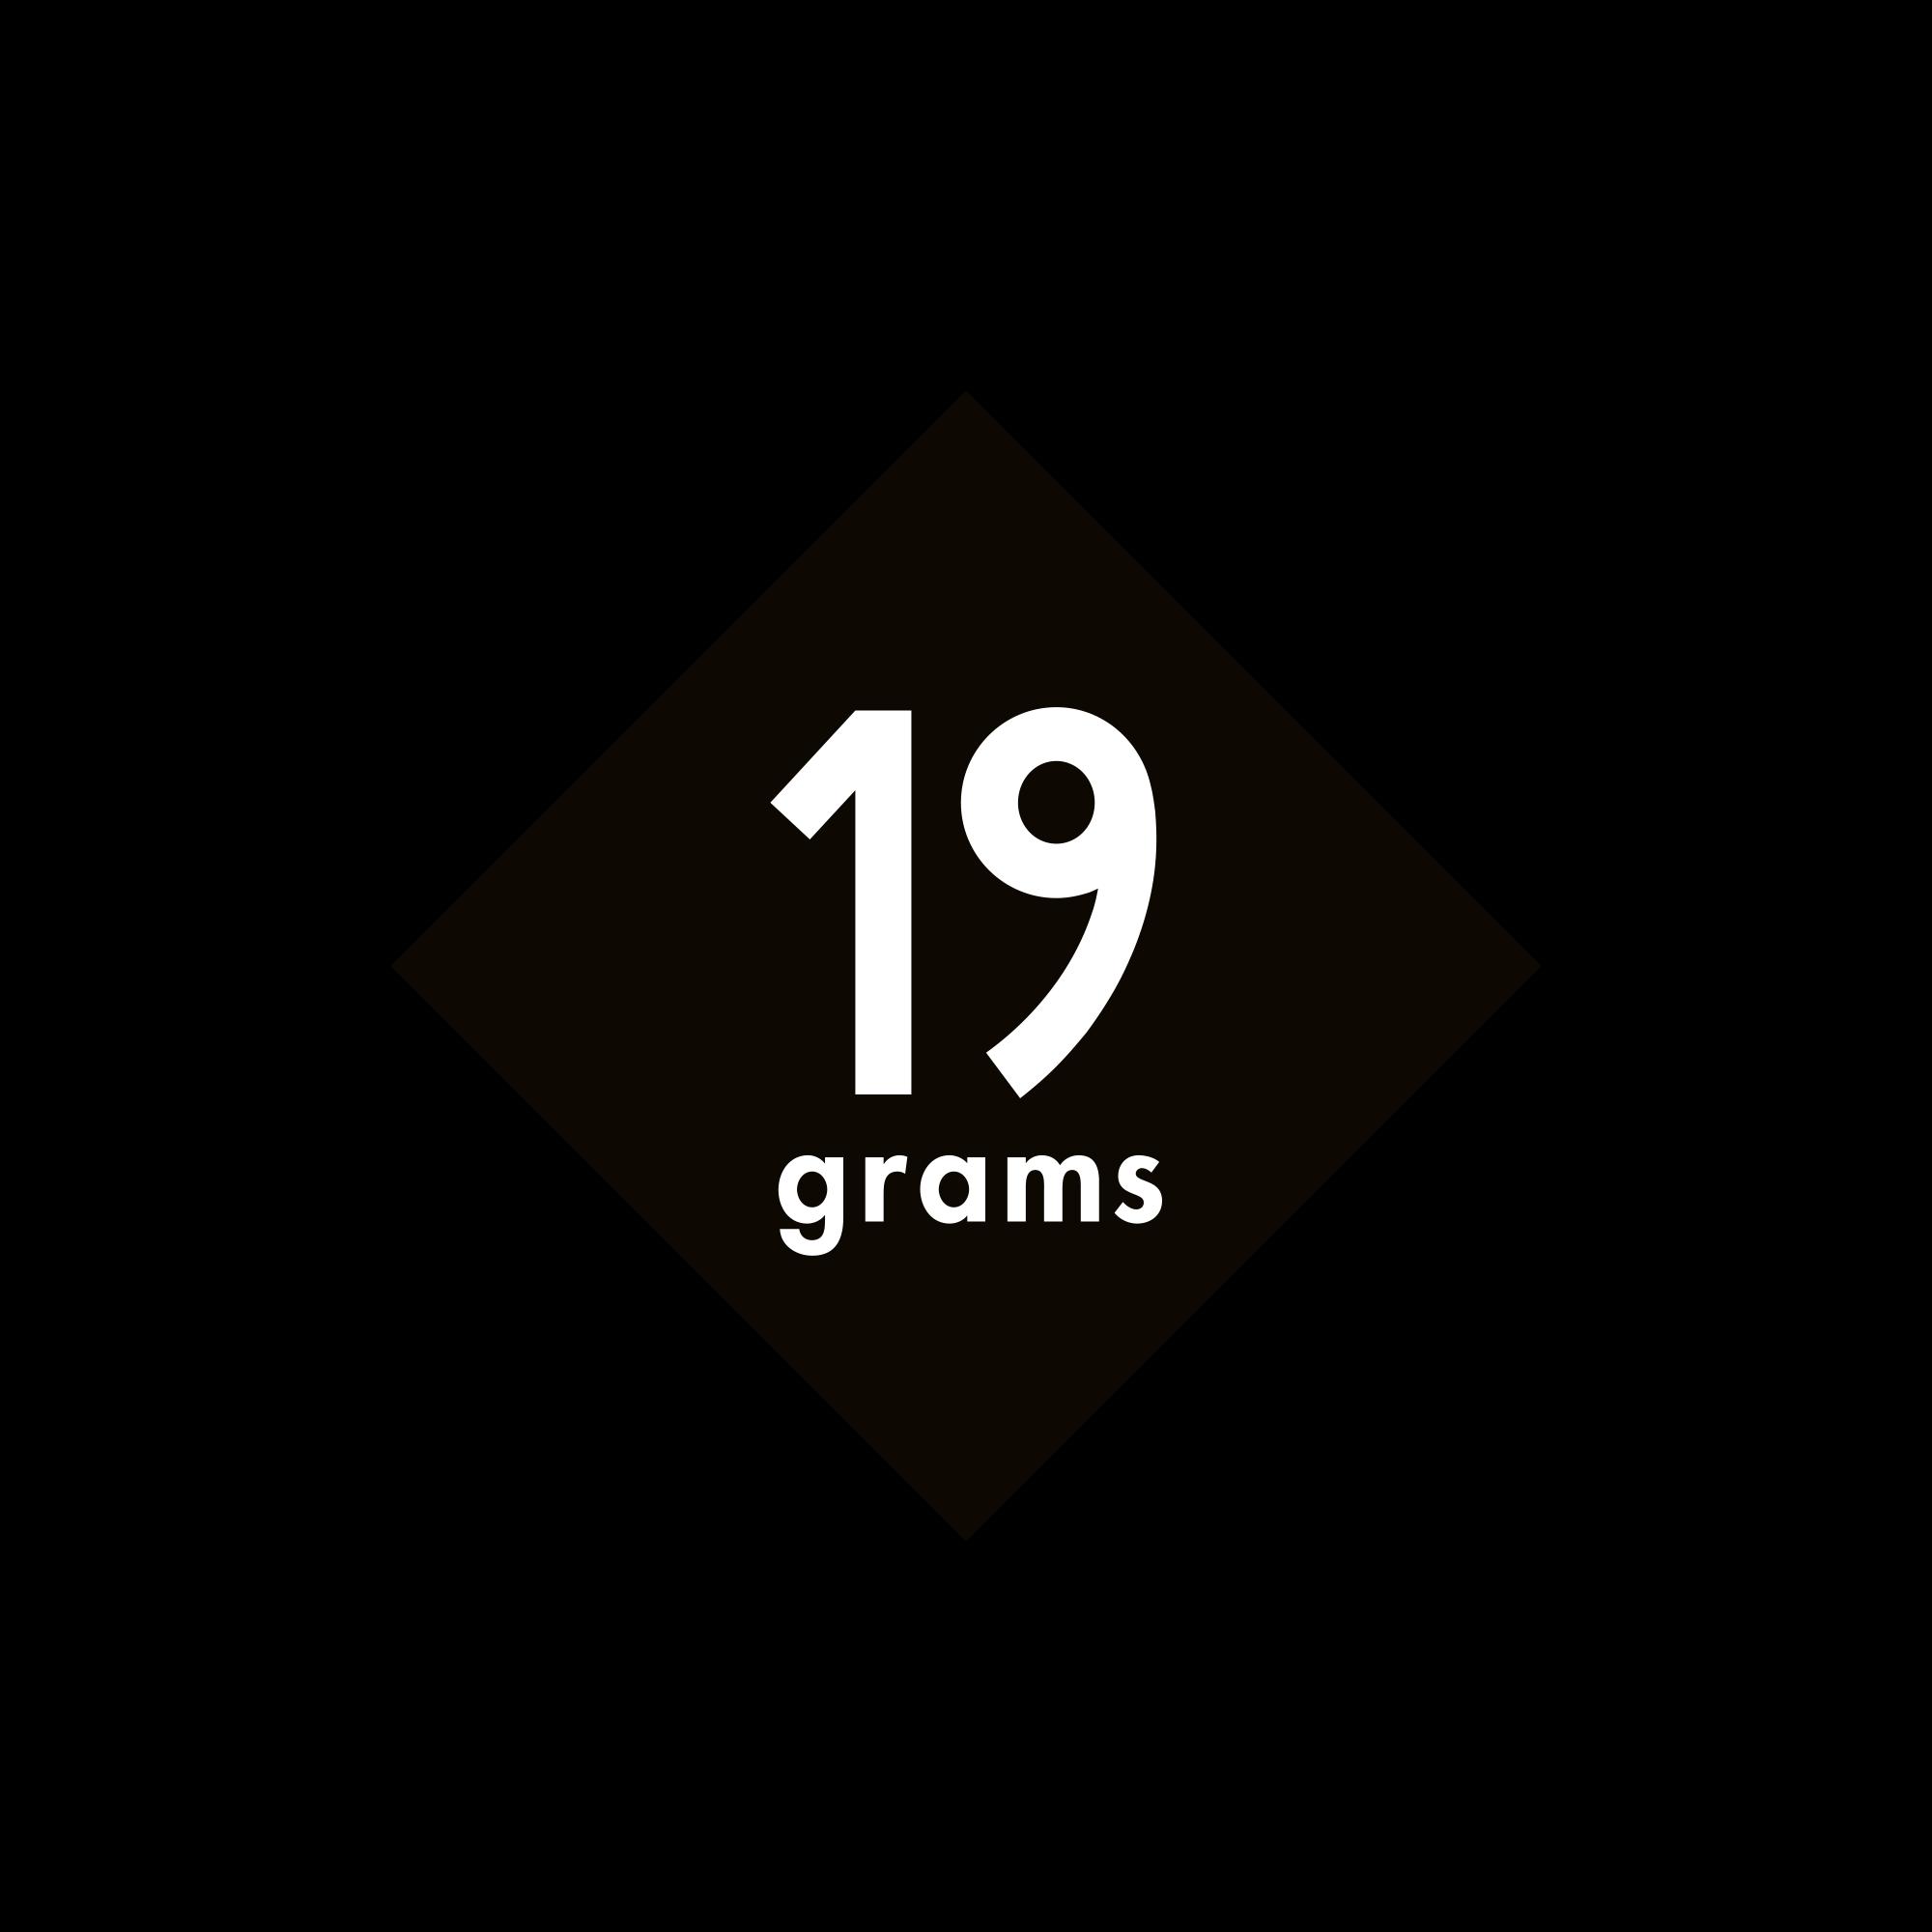 19grams